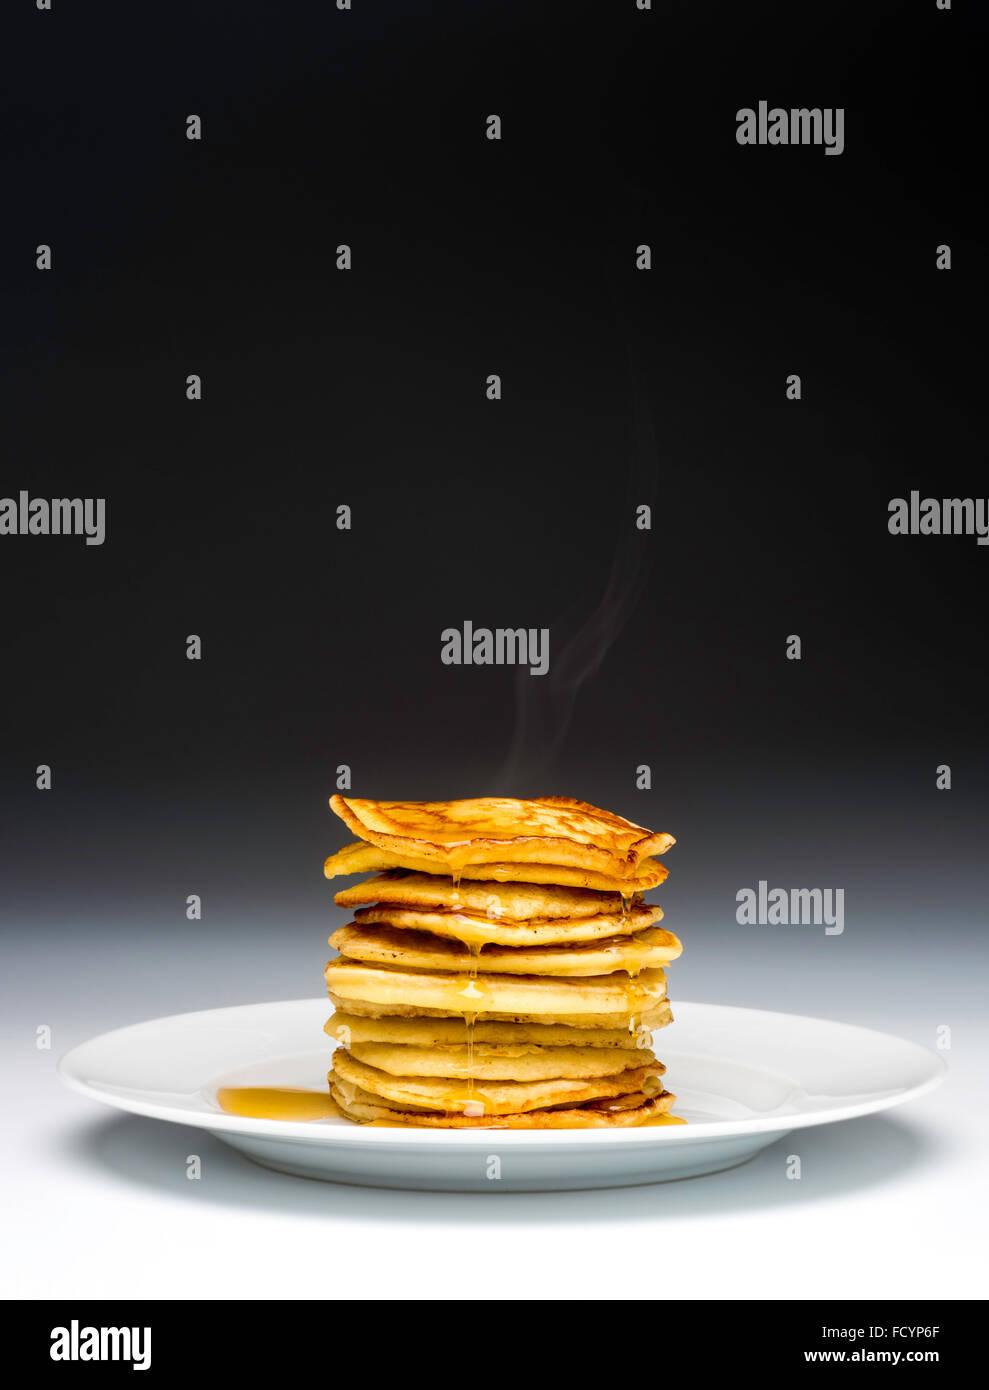 Pila di frittelle sulla piastra bianca spruzzata con sciroppo Immagini Stock